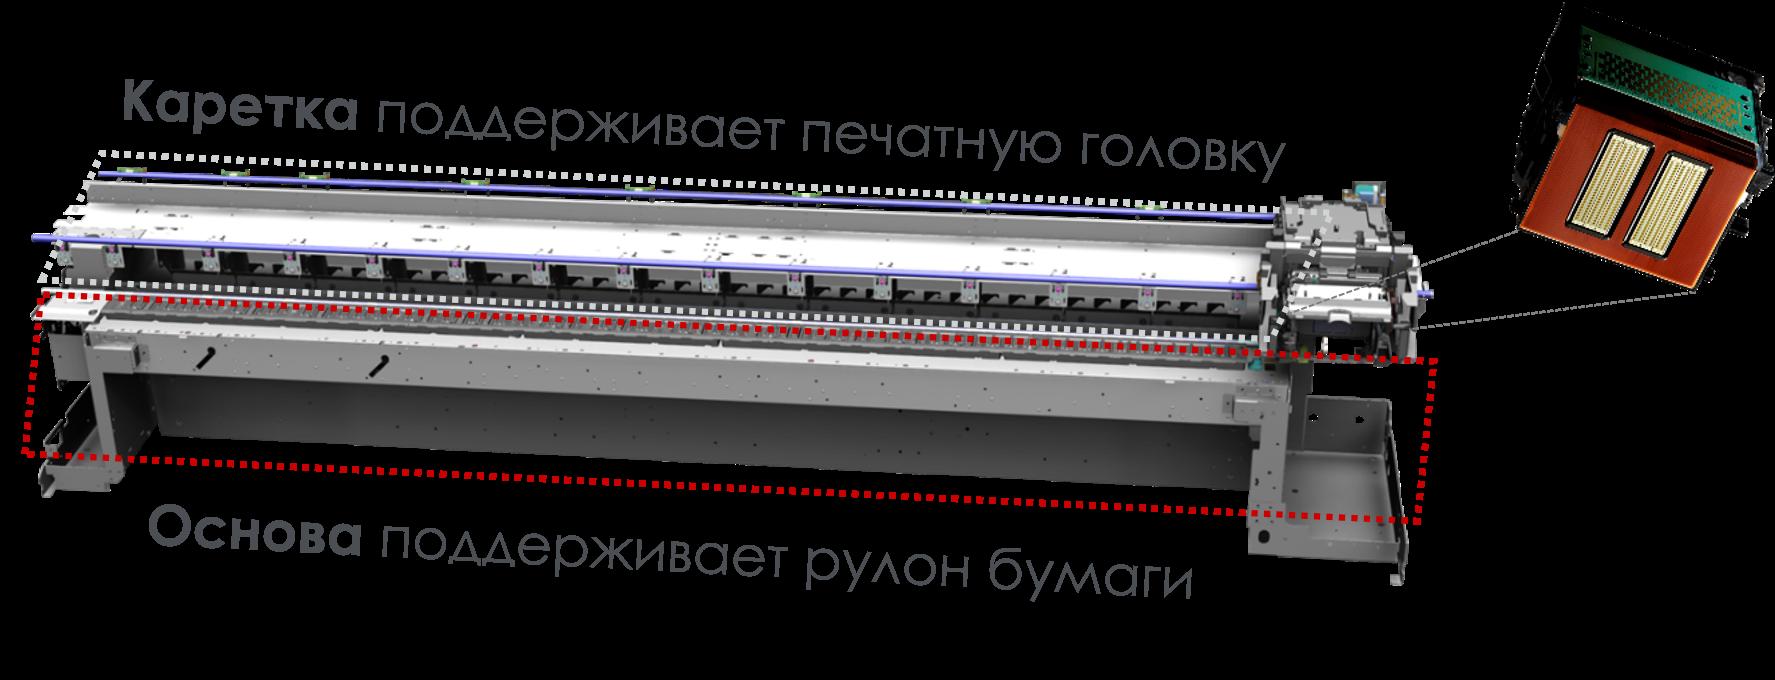 Расширение линейки imagePROGRAF: серия TX - 3